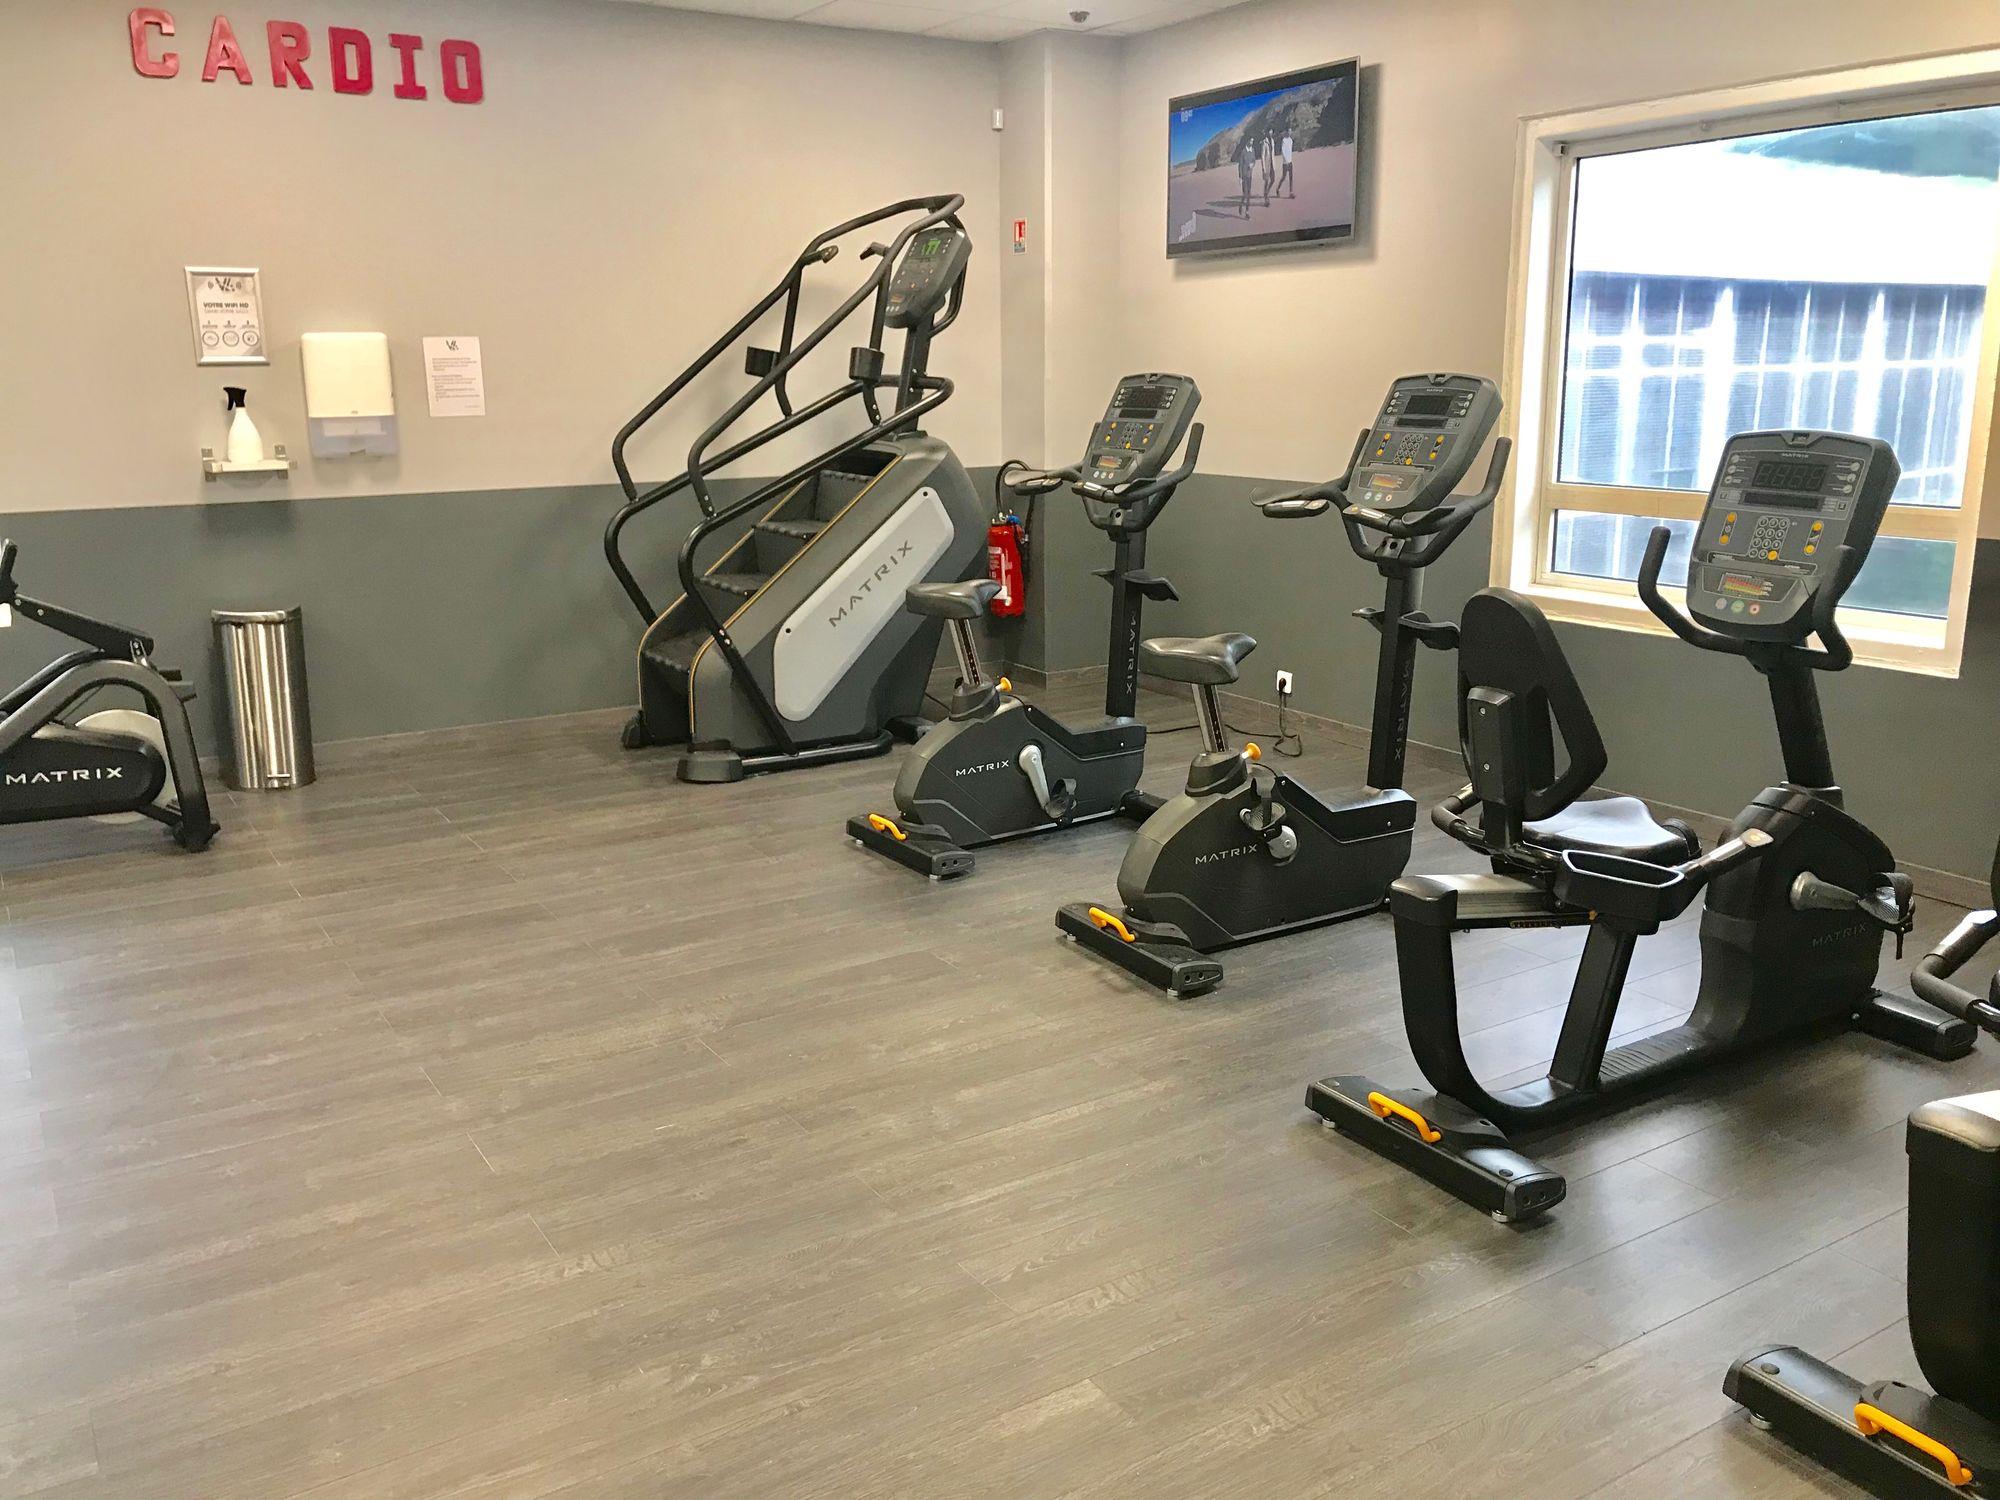 Salle de sport Vita liberté Martigues Cardio